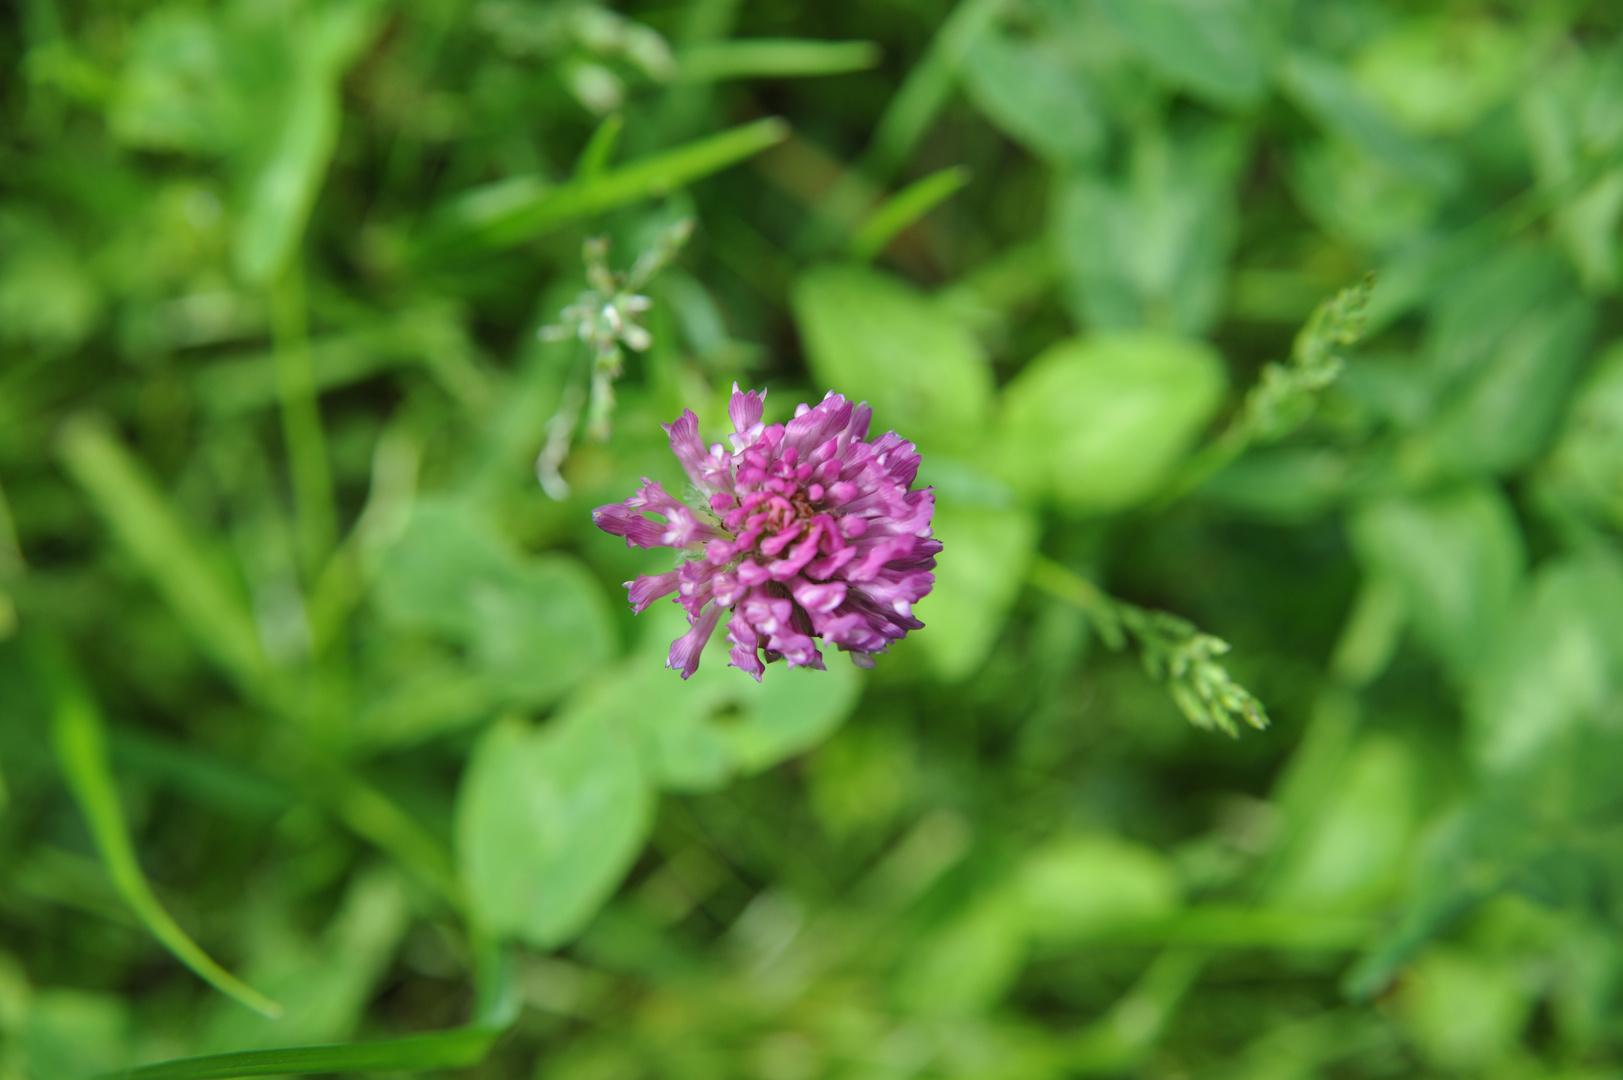 Eine Blüte im Grünen